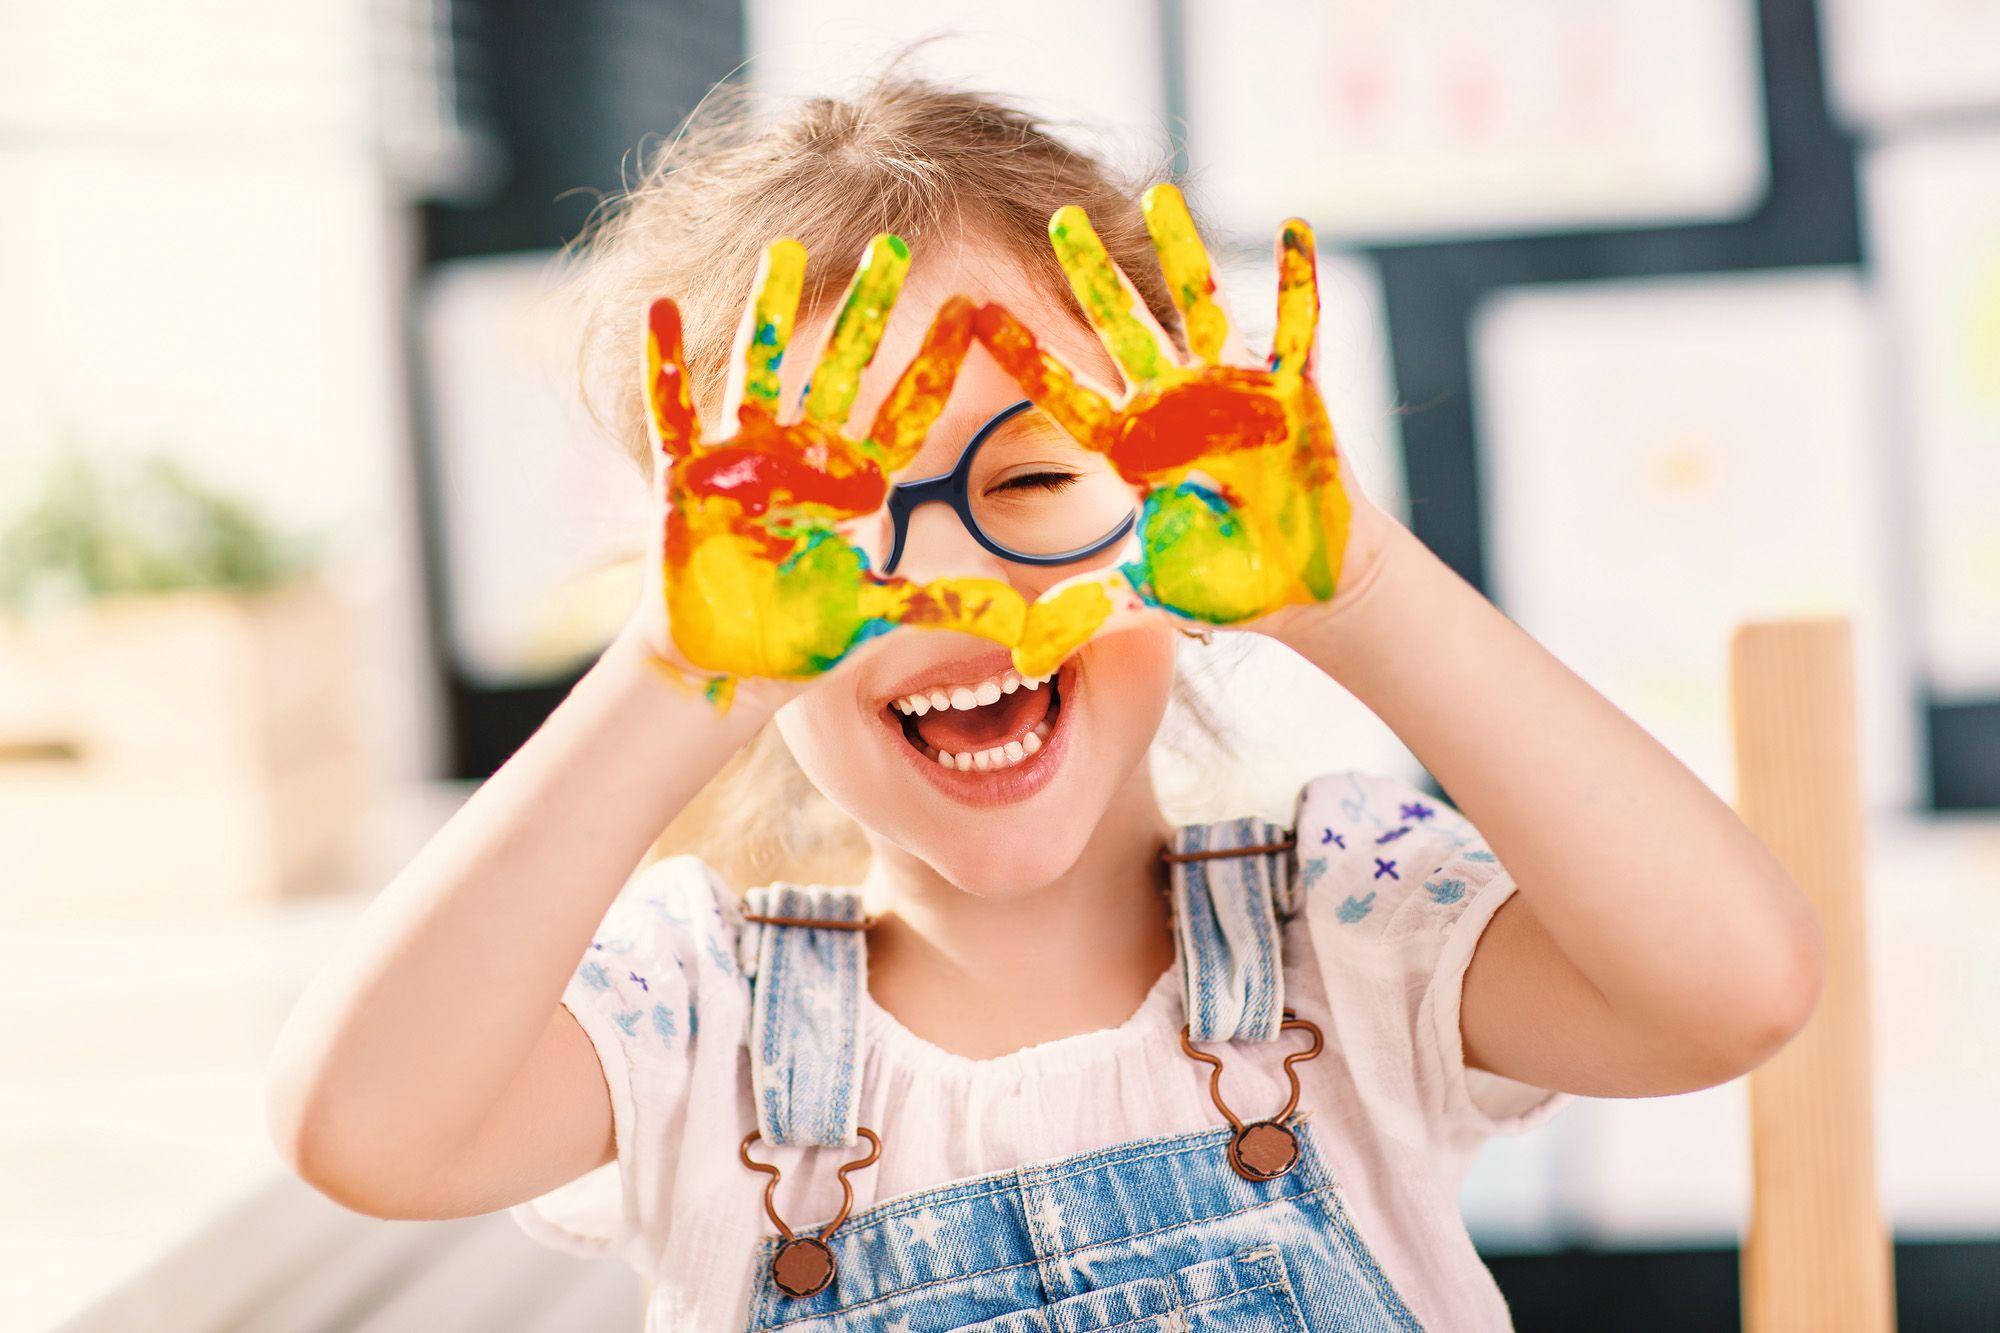 Fotografia Vision Infantil